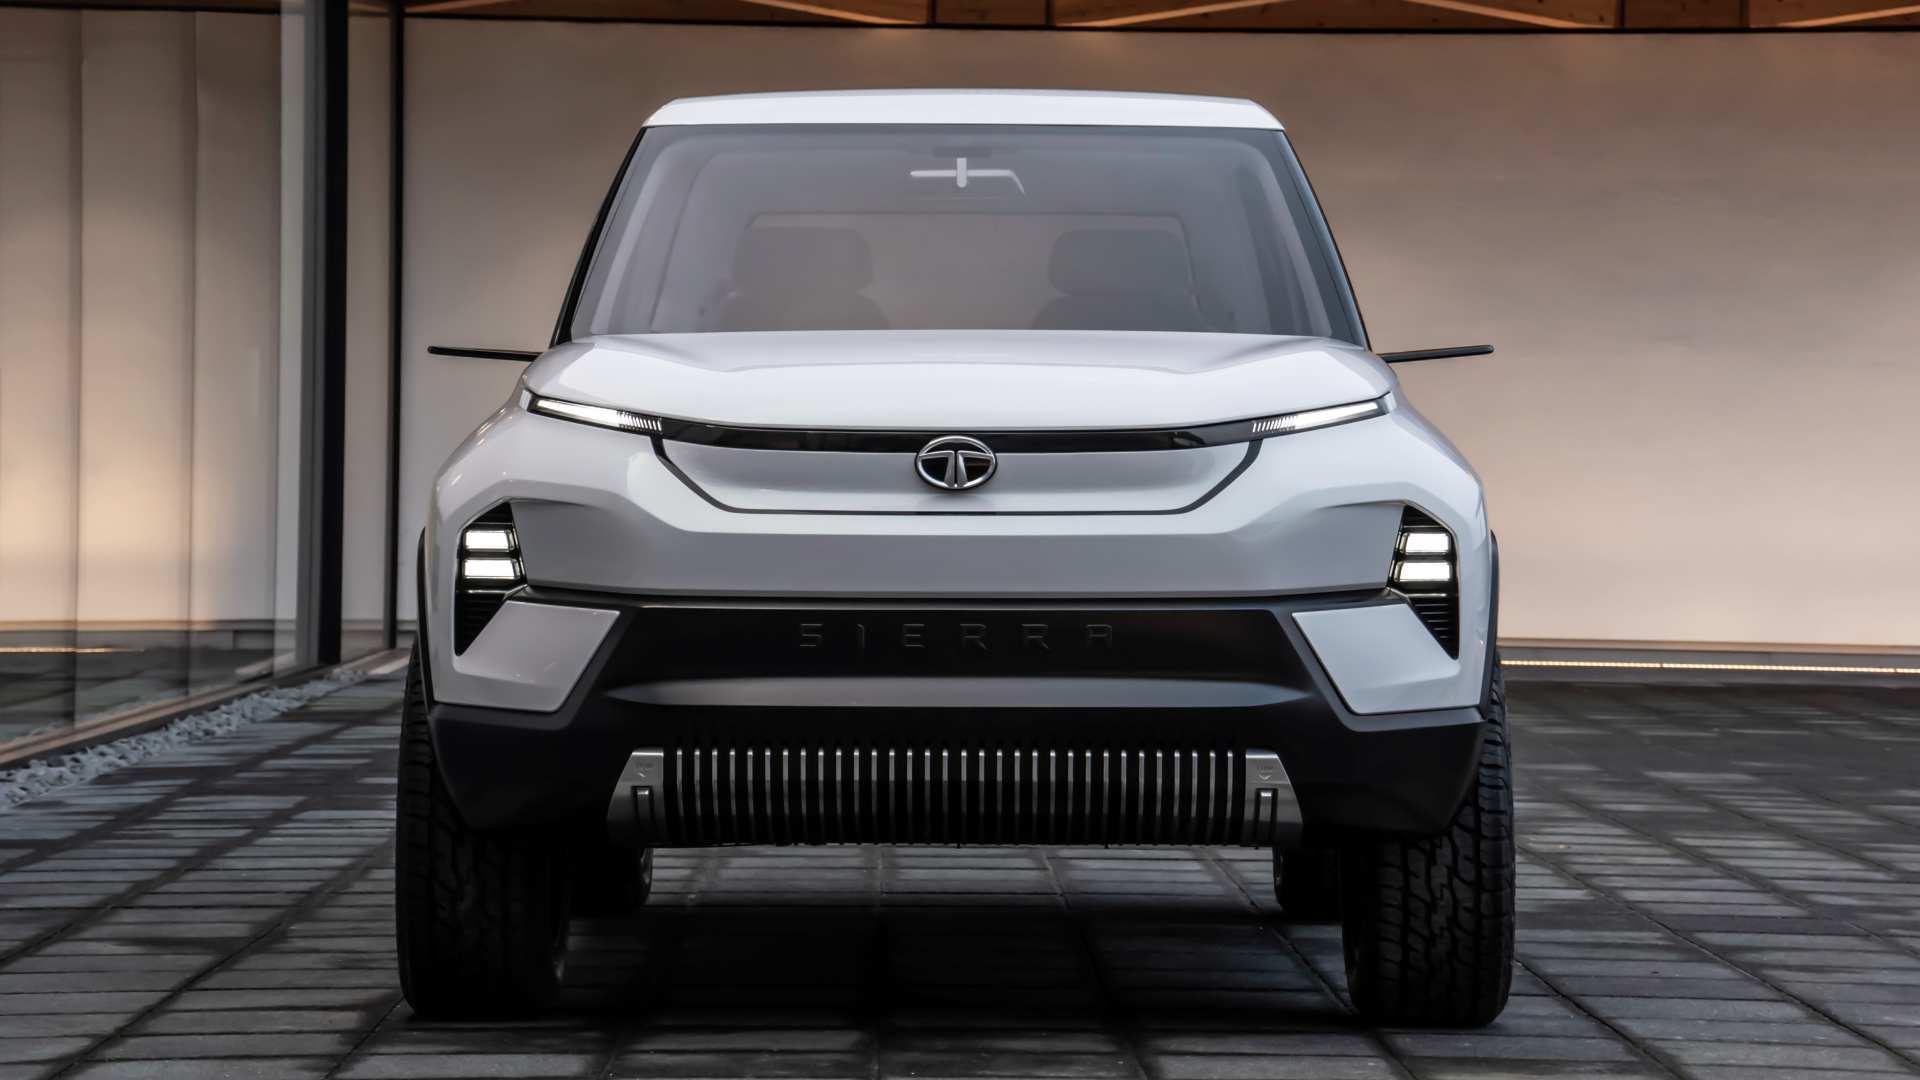 El renacido Tata Sierra es uno de los modelos totalmente nuevos y totalmente eléctricos que Tata Motors ha presentado en el pasado.  Imagen: Tata Motors